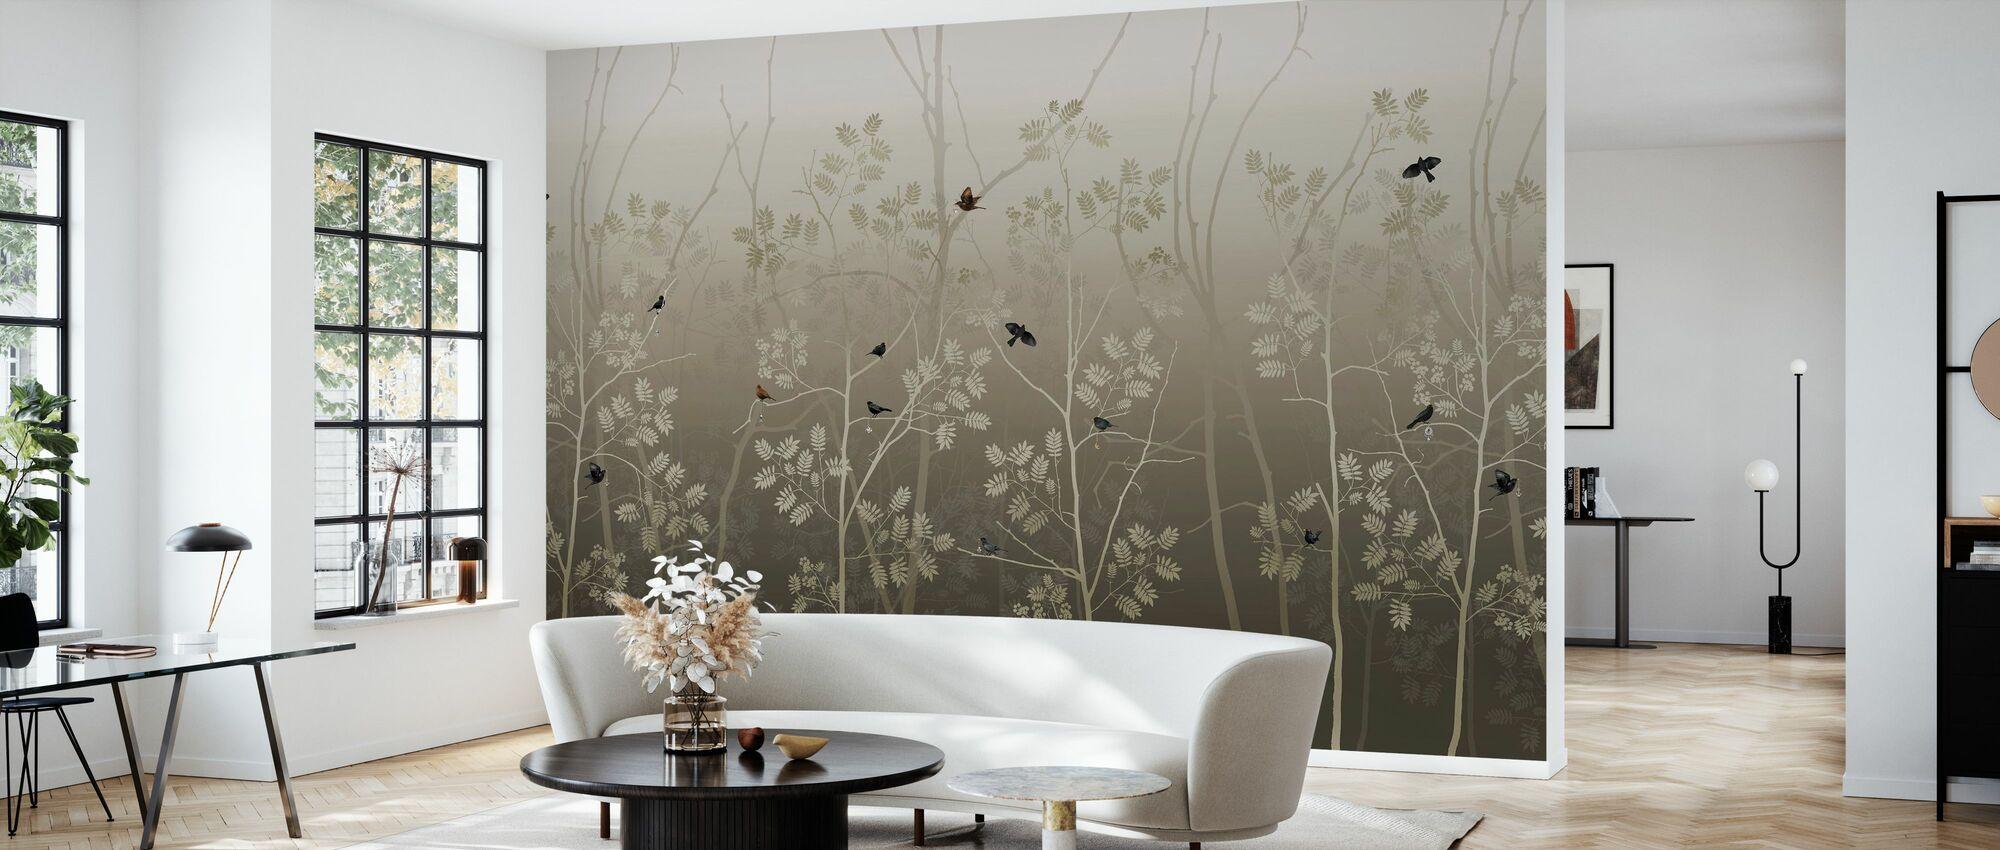 Last Emperor - Bronze - Wallpaper - Living Room